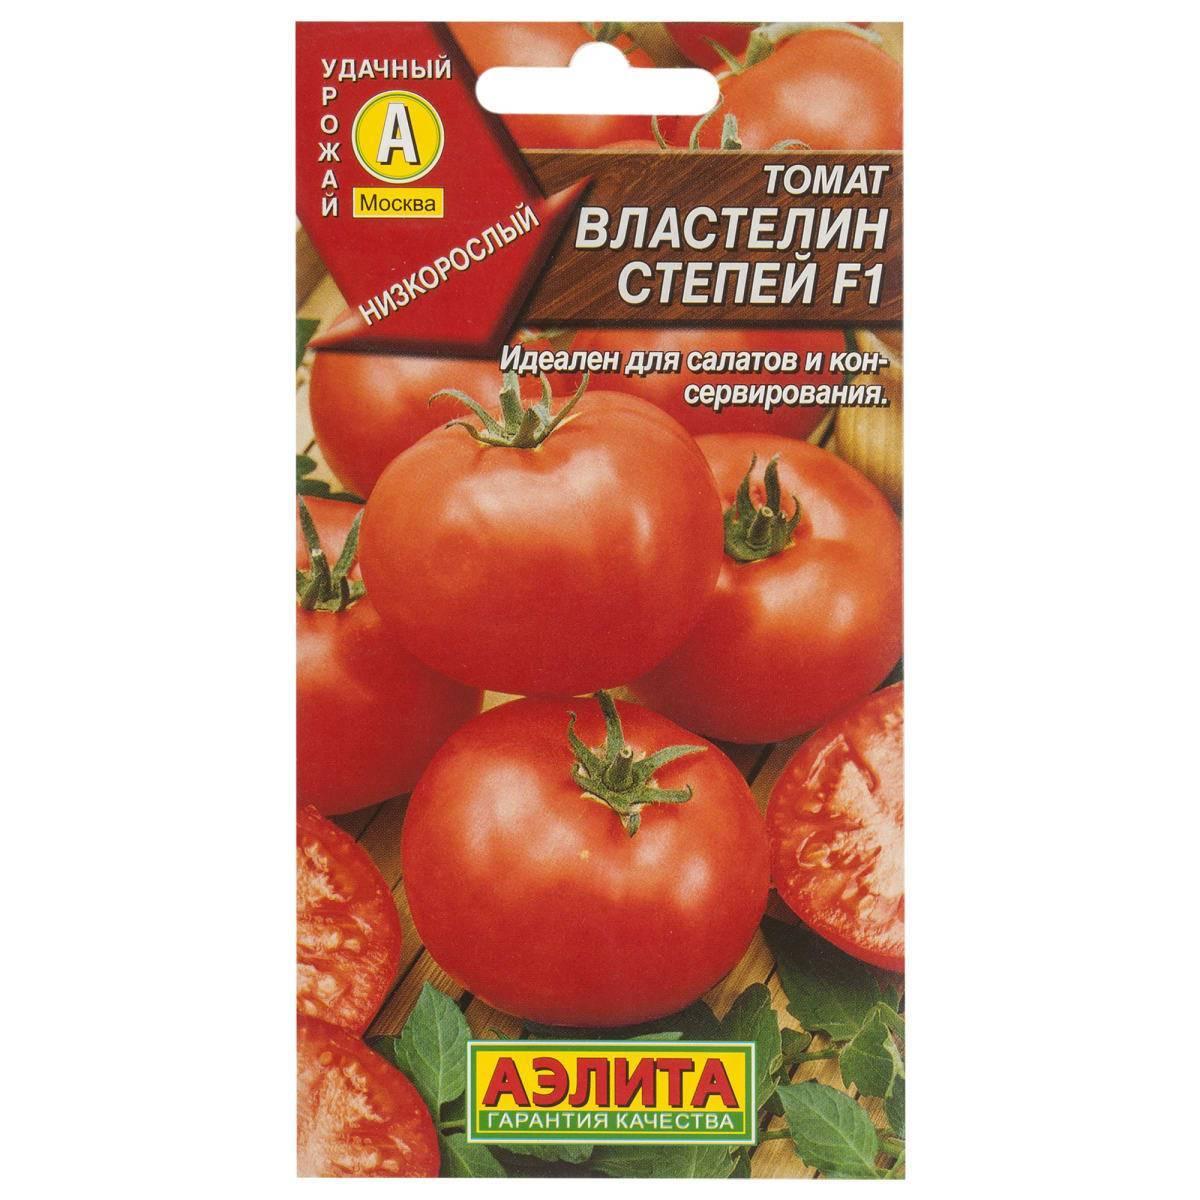 Описание сорта томата золотая пуля и его характеристики